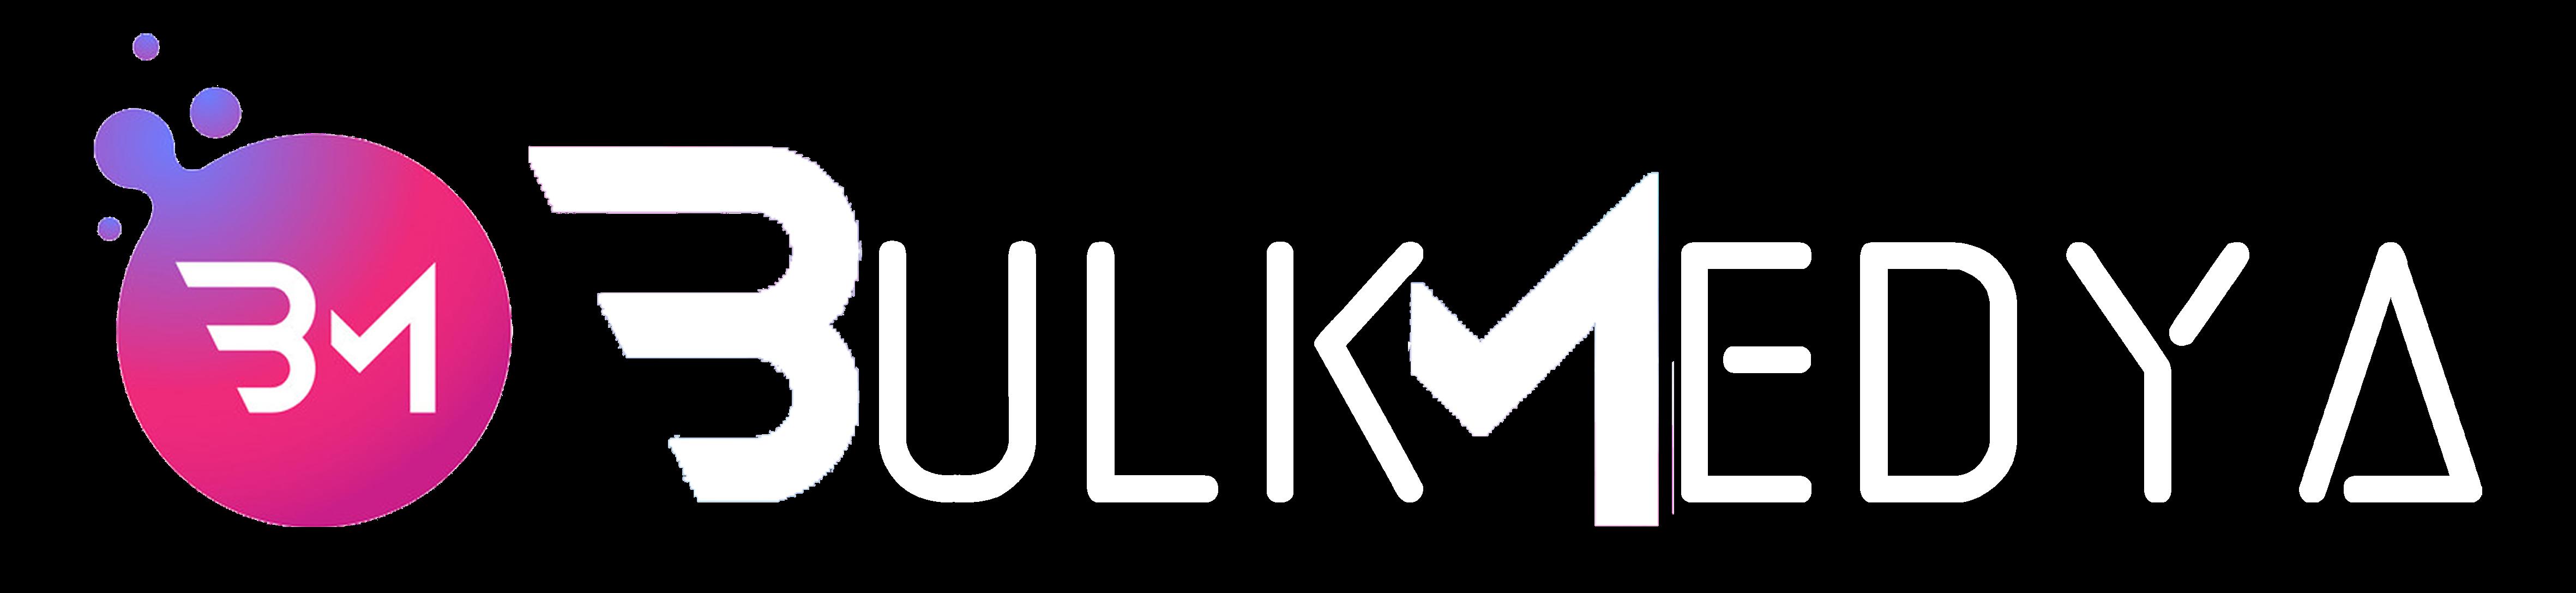 BulkMedya